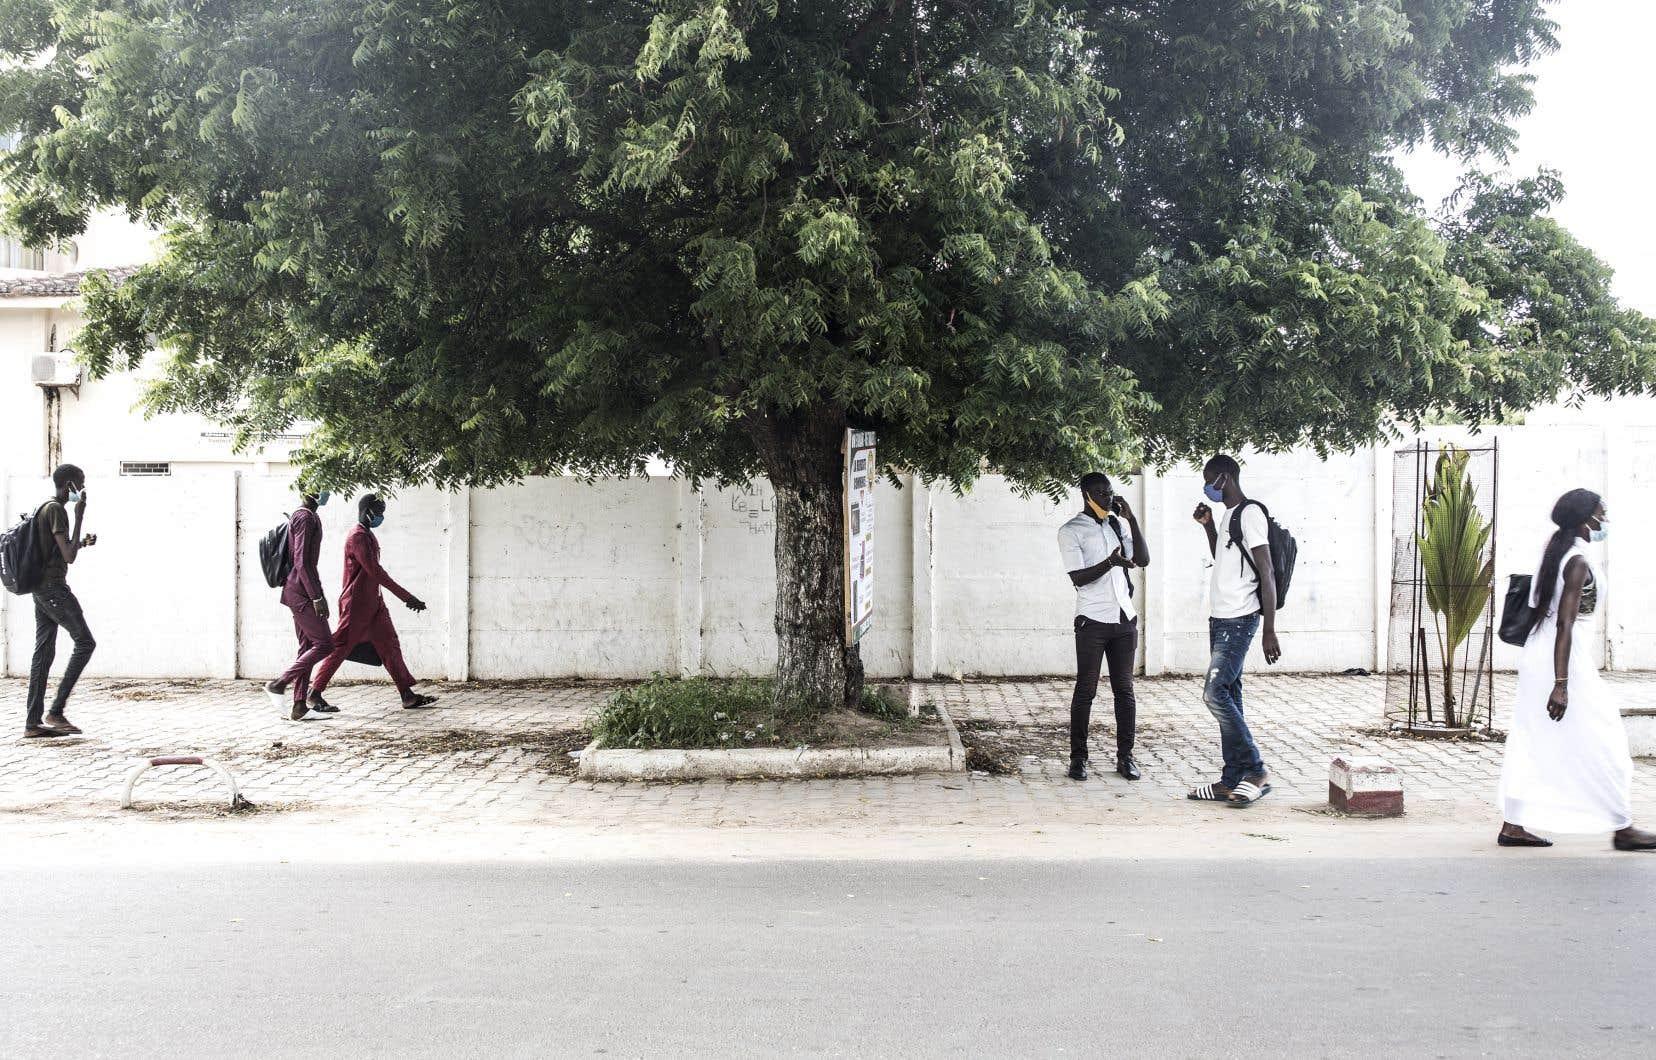 Le cœur de la francophonie se déplace vers l'Afrique, où les nouveaux francophones sont de plus en plus nombreux. Sur la photo, des étudiants se rendent à l'Université Cheikh-Anta-Diop de Dakar, au Sénégal.